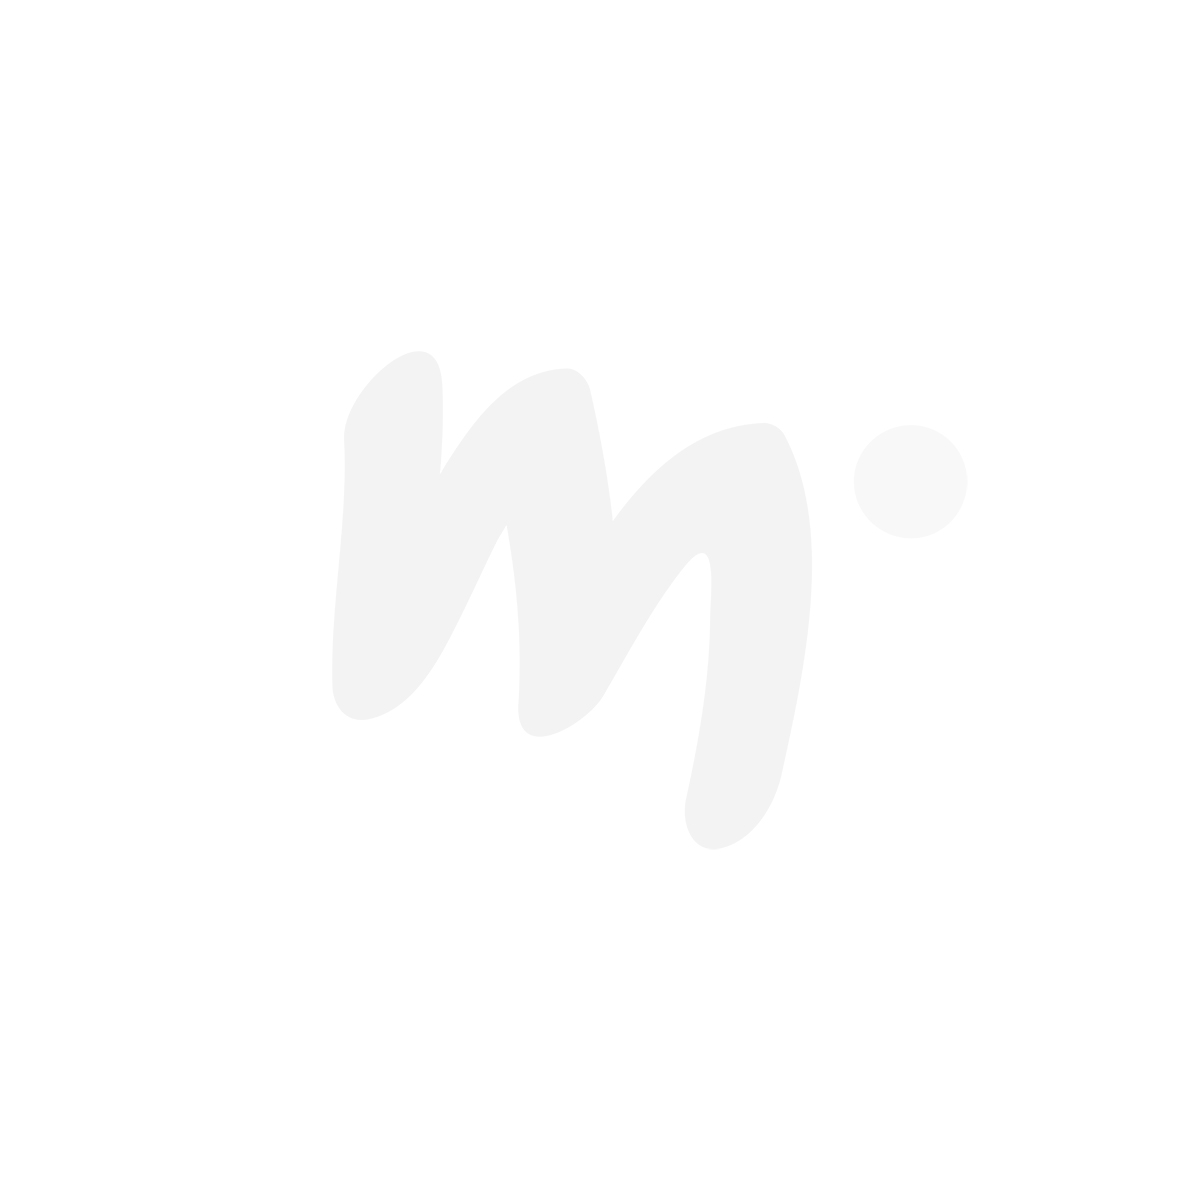 Muumi Aakkoset-verkkahousut tummansininen